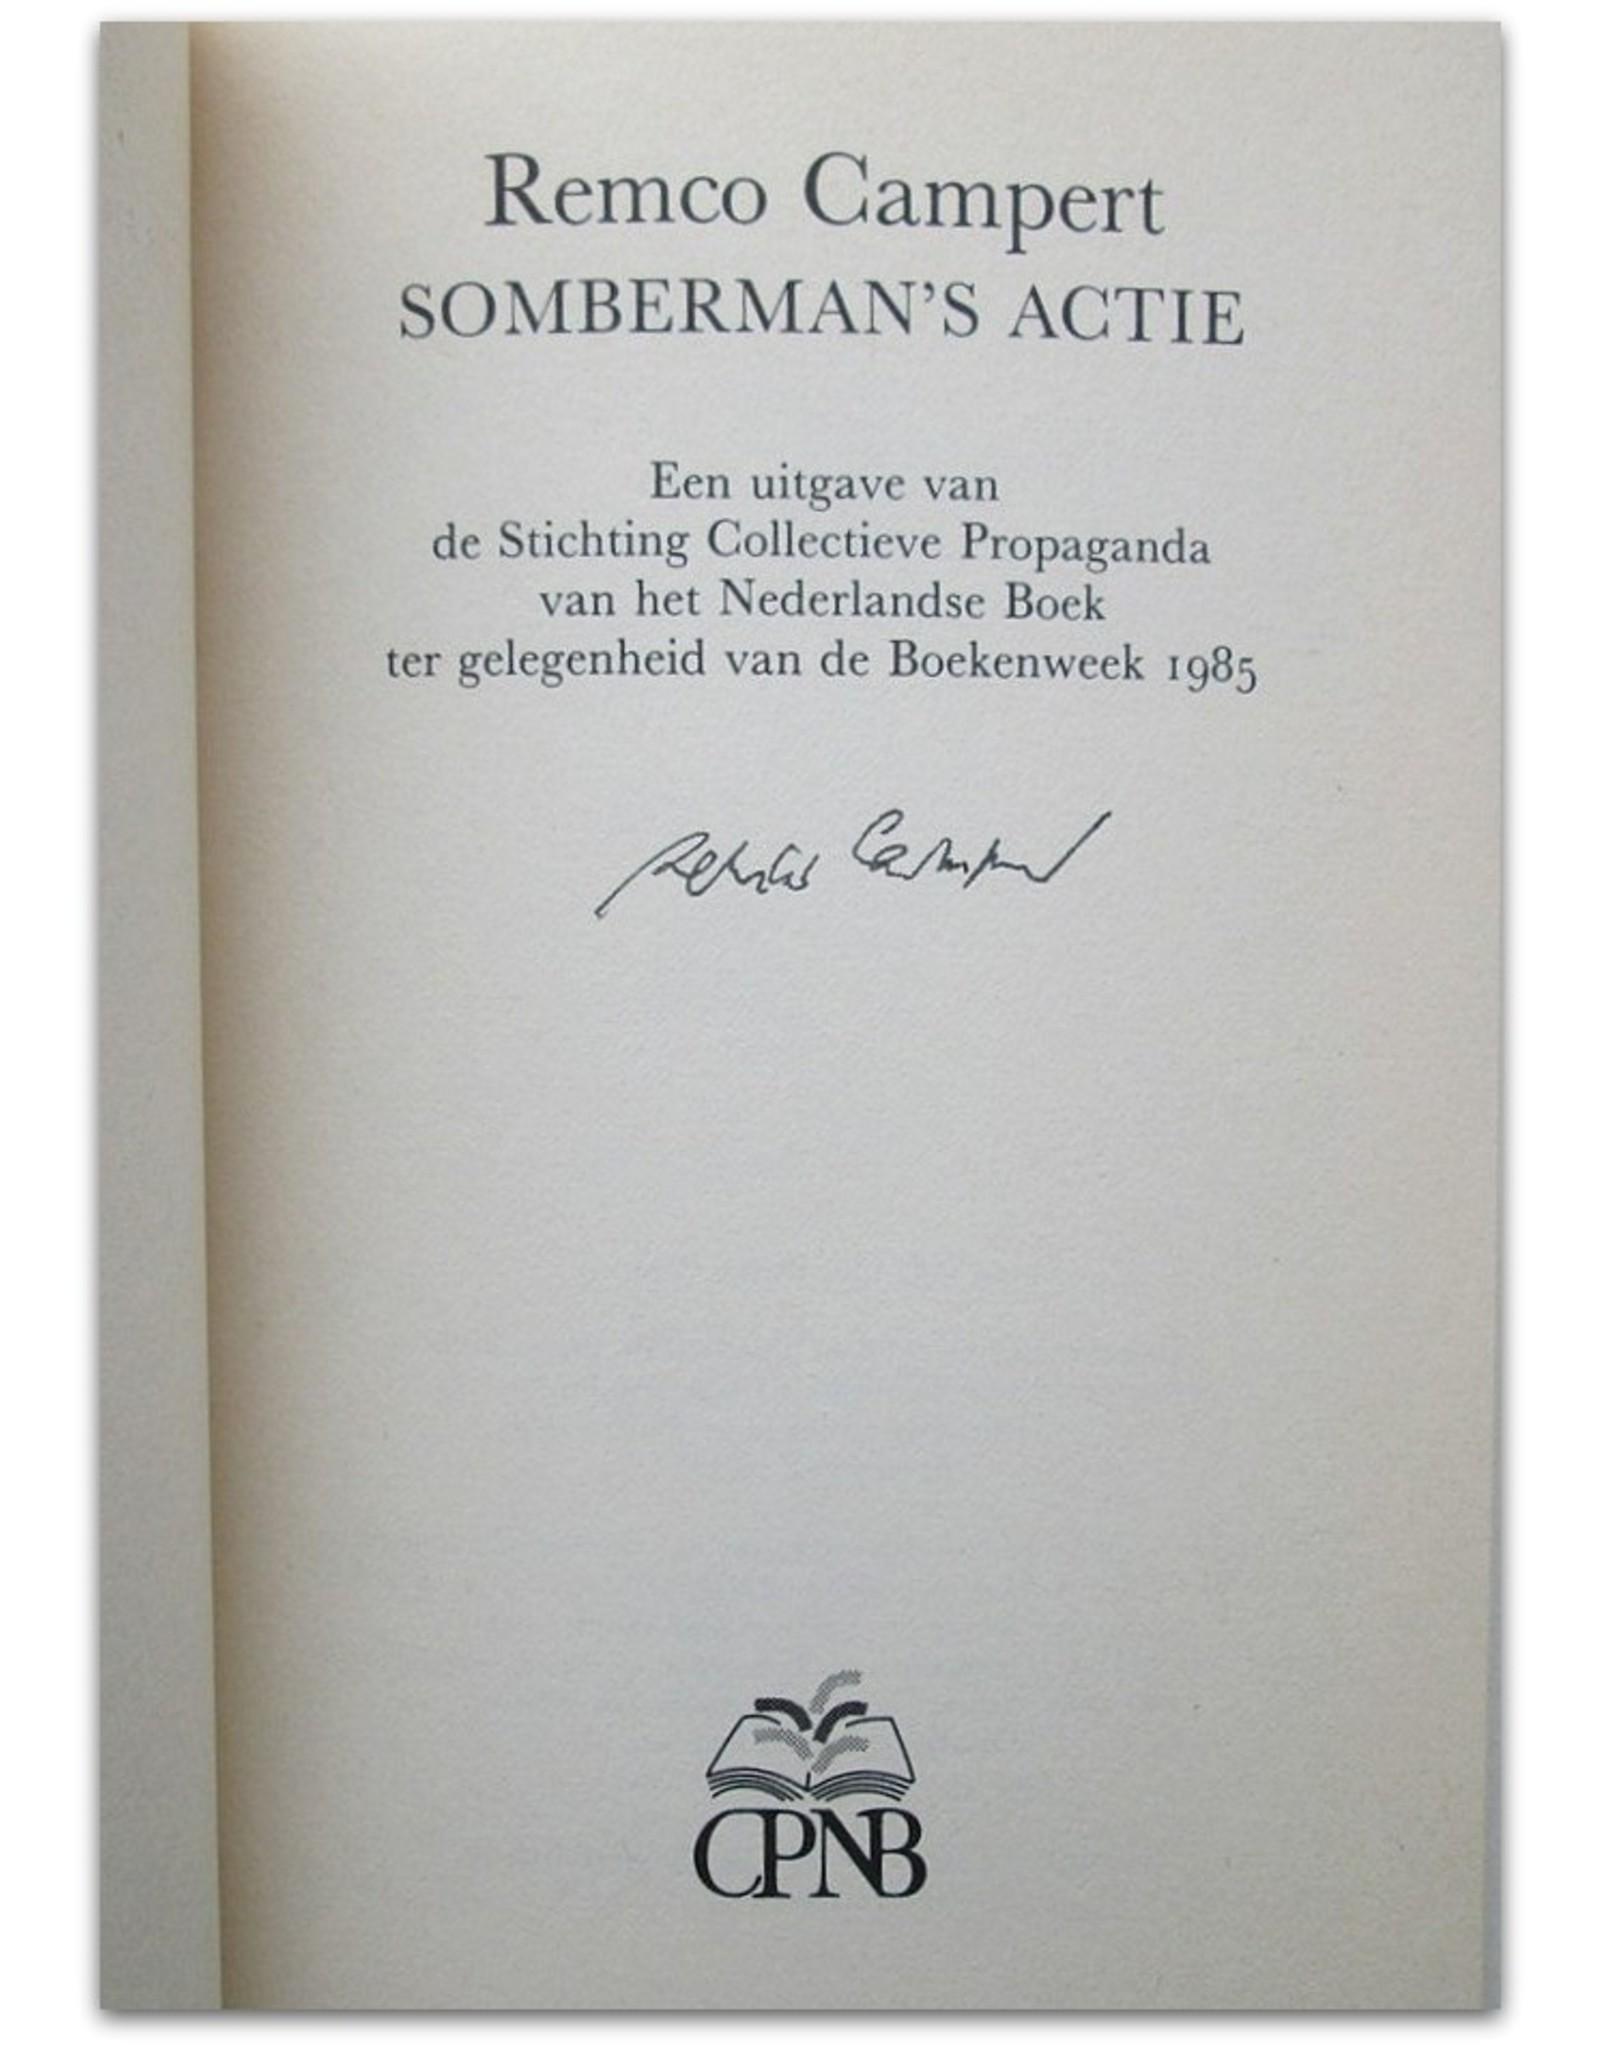 Remco Campert - Somberman's Actie